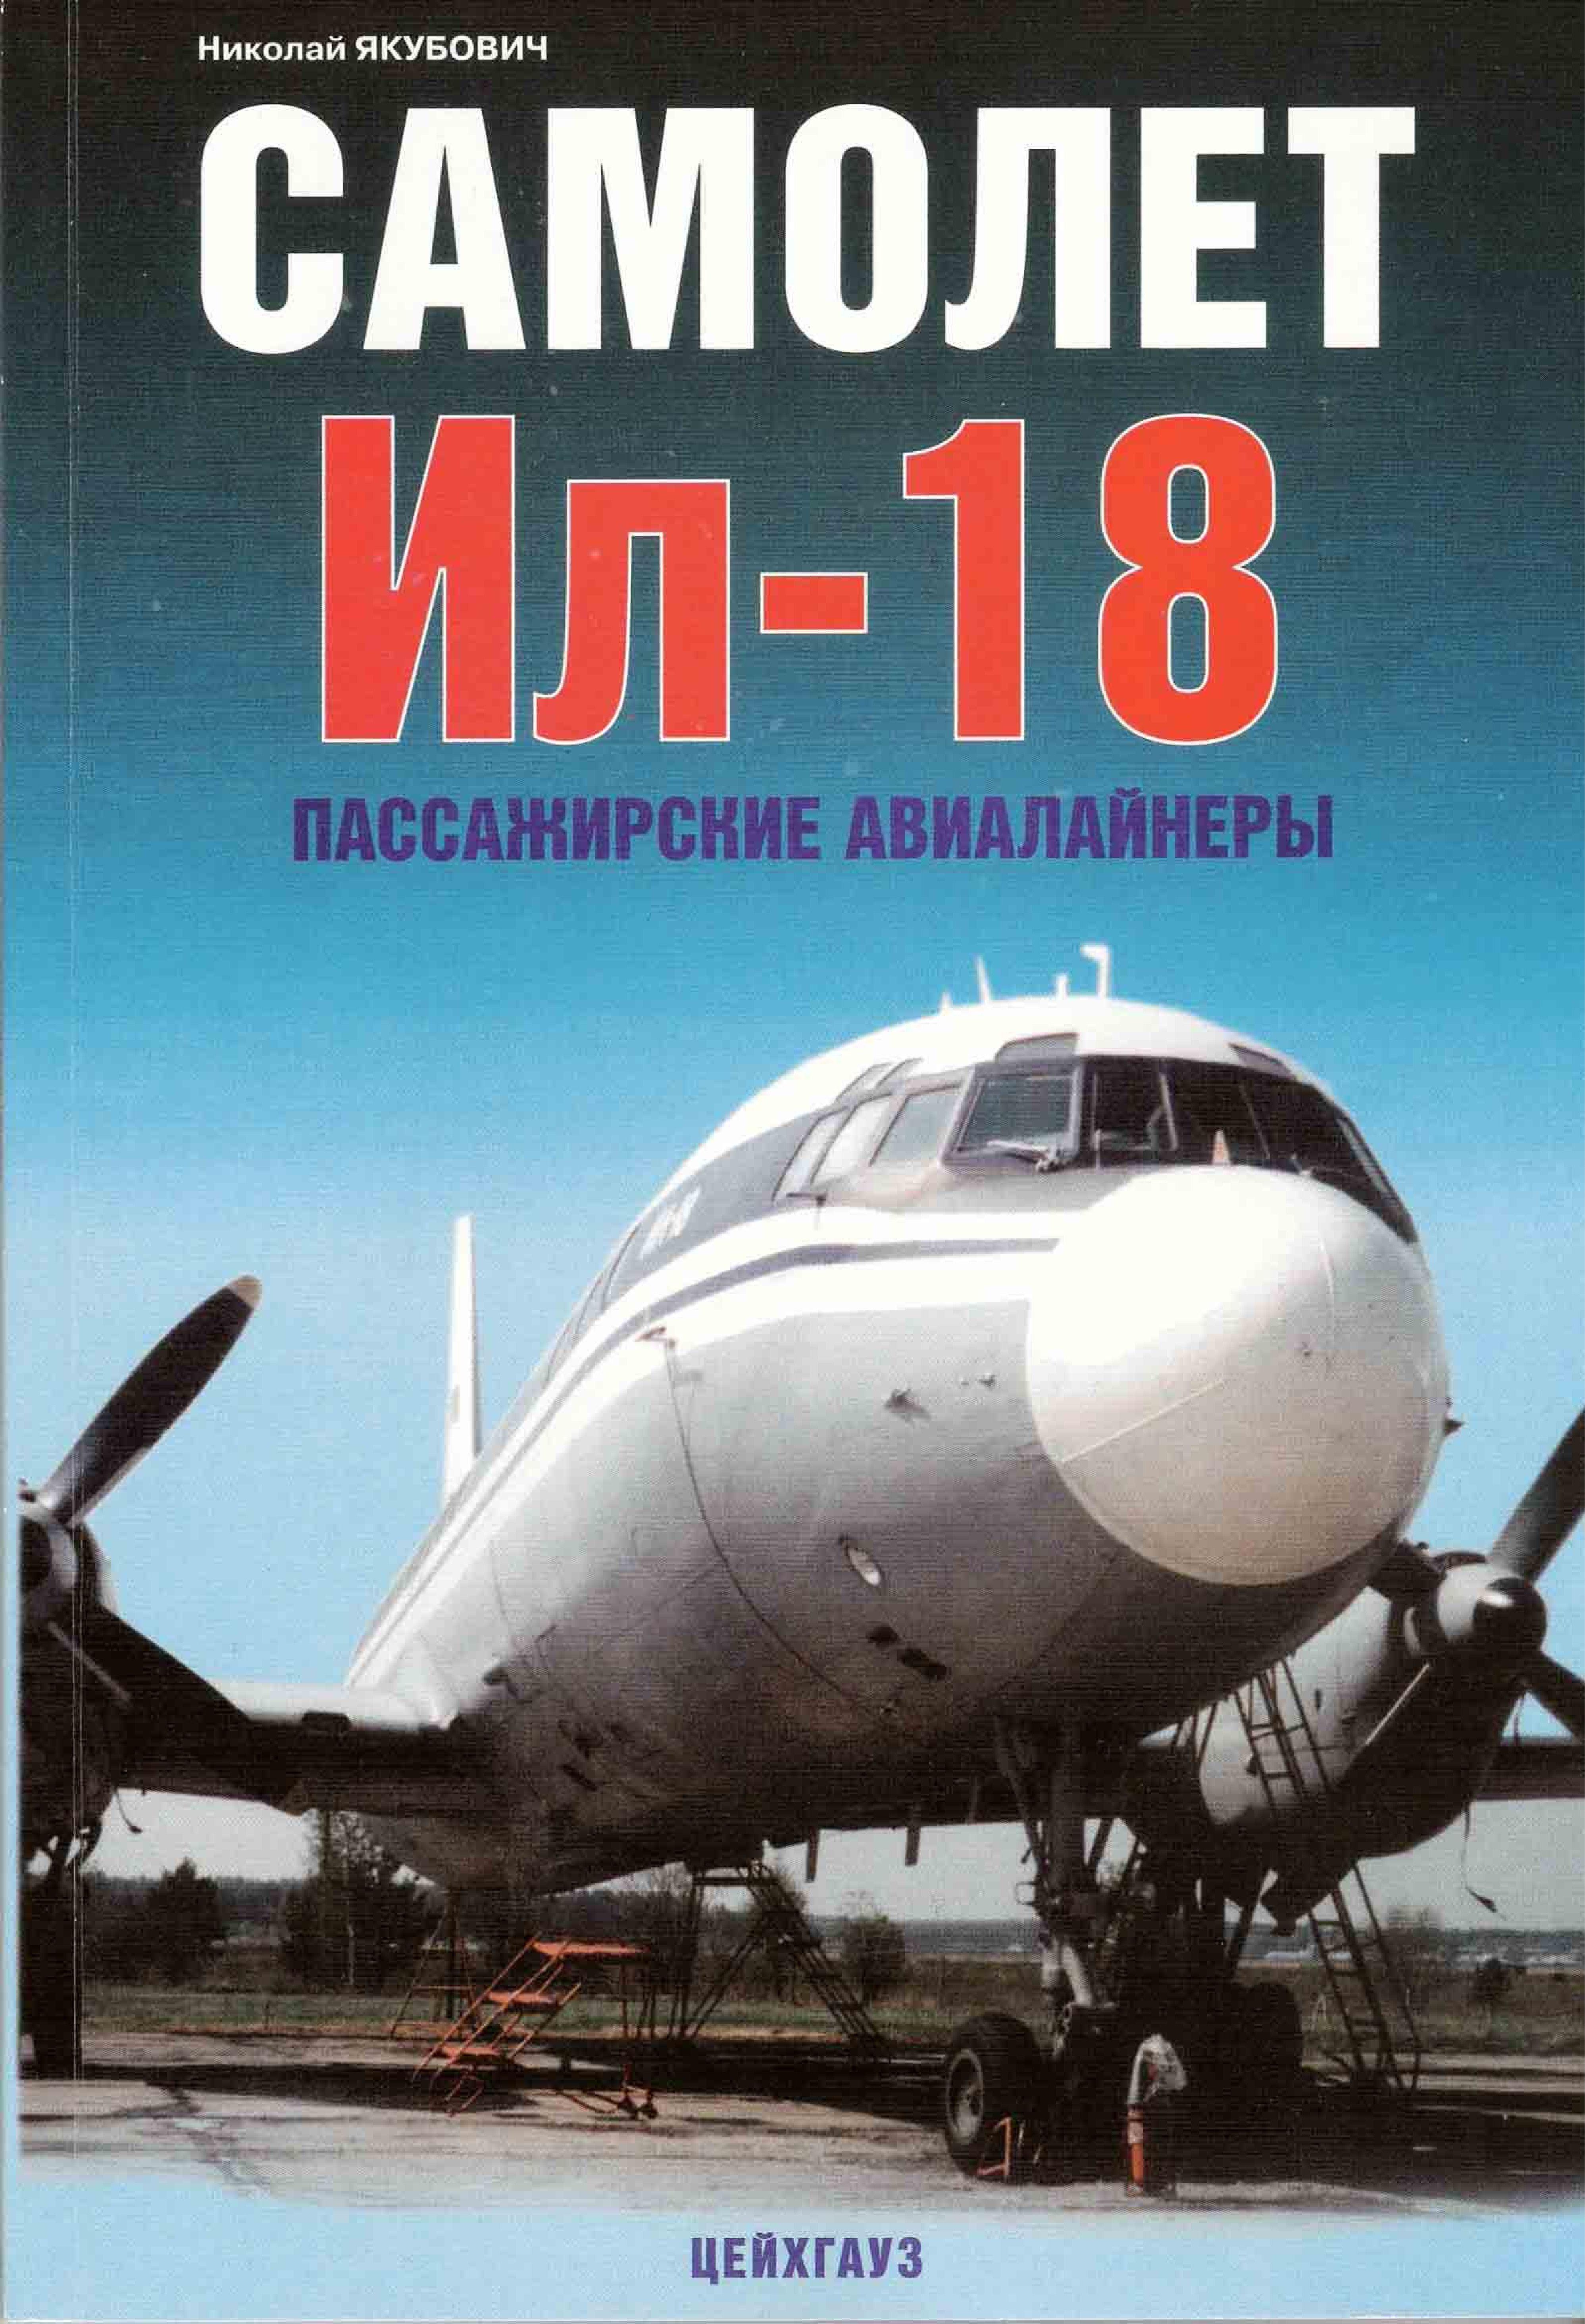 Самолет Ил-18. Пассажирские авиалайнеры